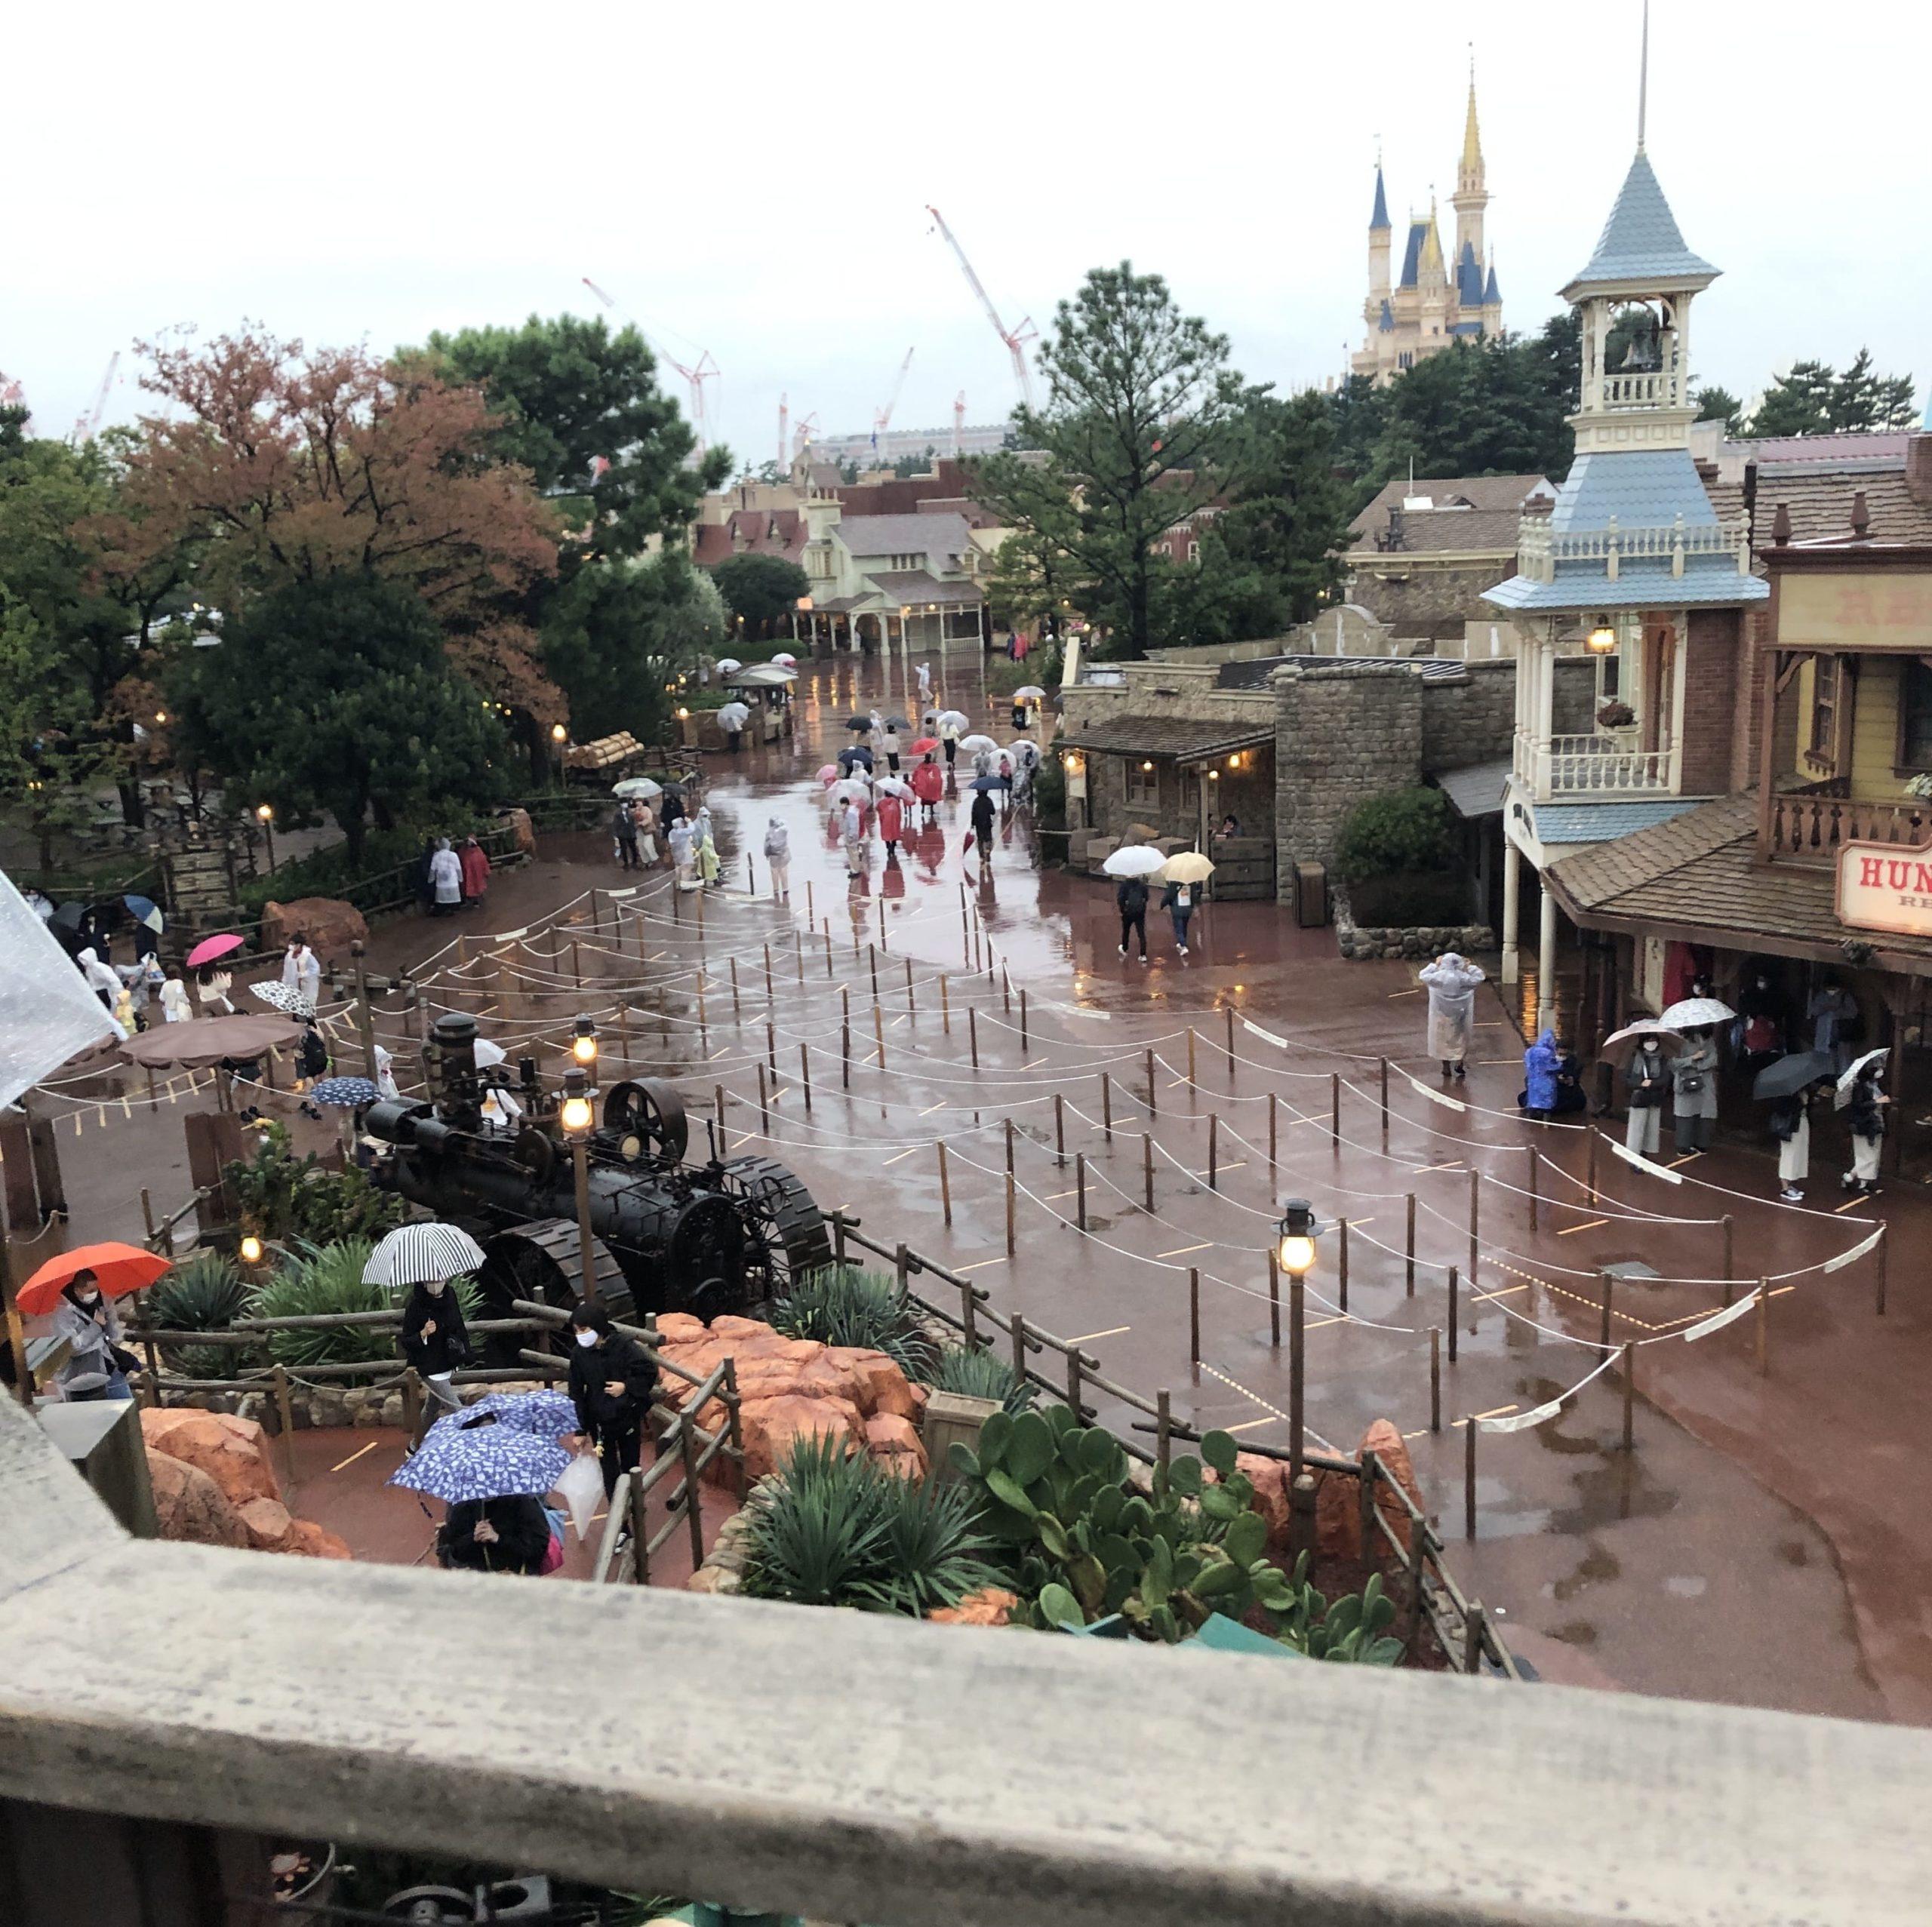 ディズニーランド 天候 雨